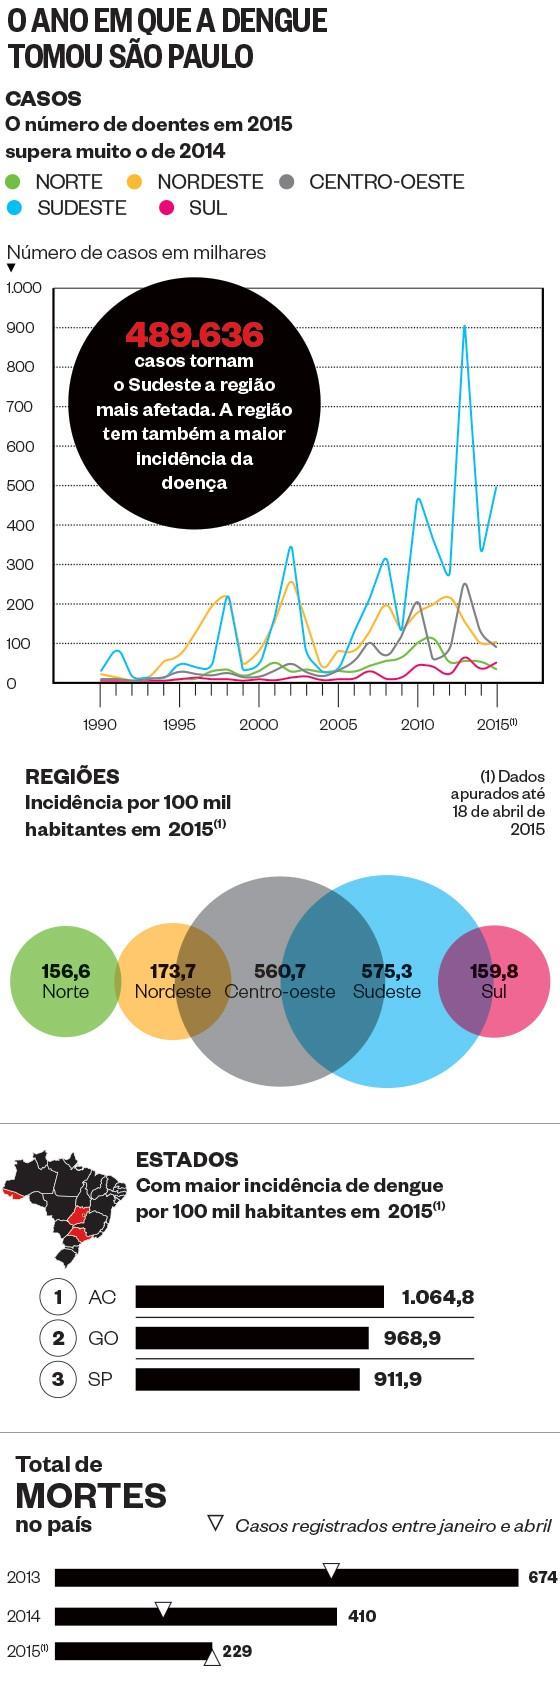 O ano em que a dengue tomou São Paulo - casos (Foto: Fonte: Ministério da Saúde)